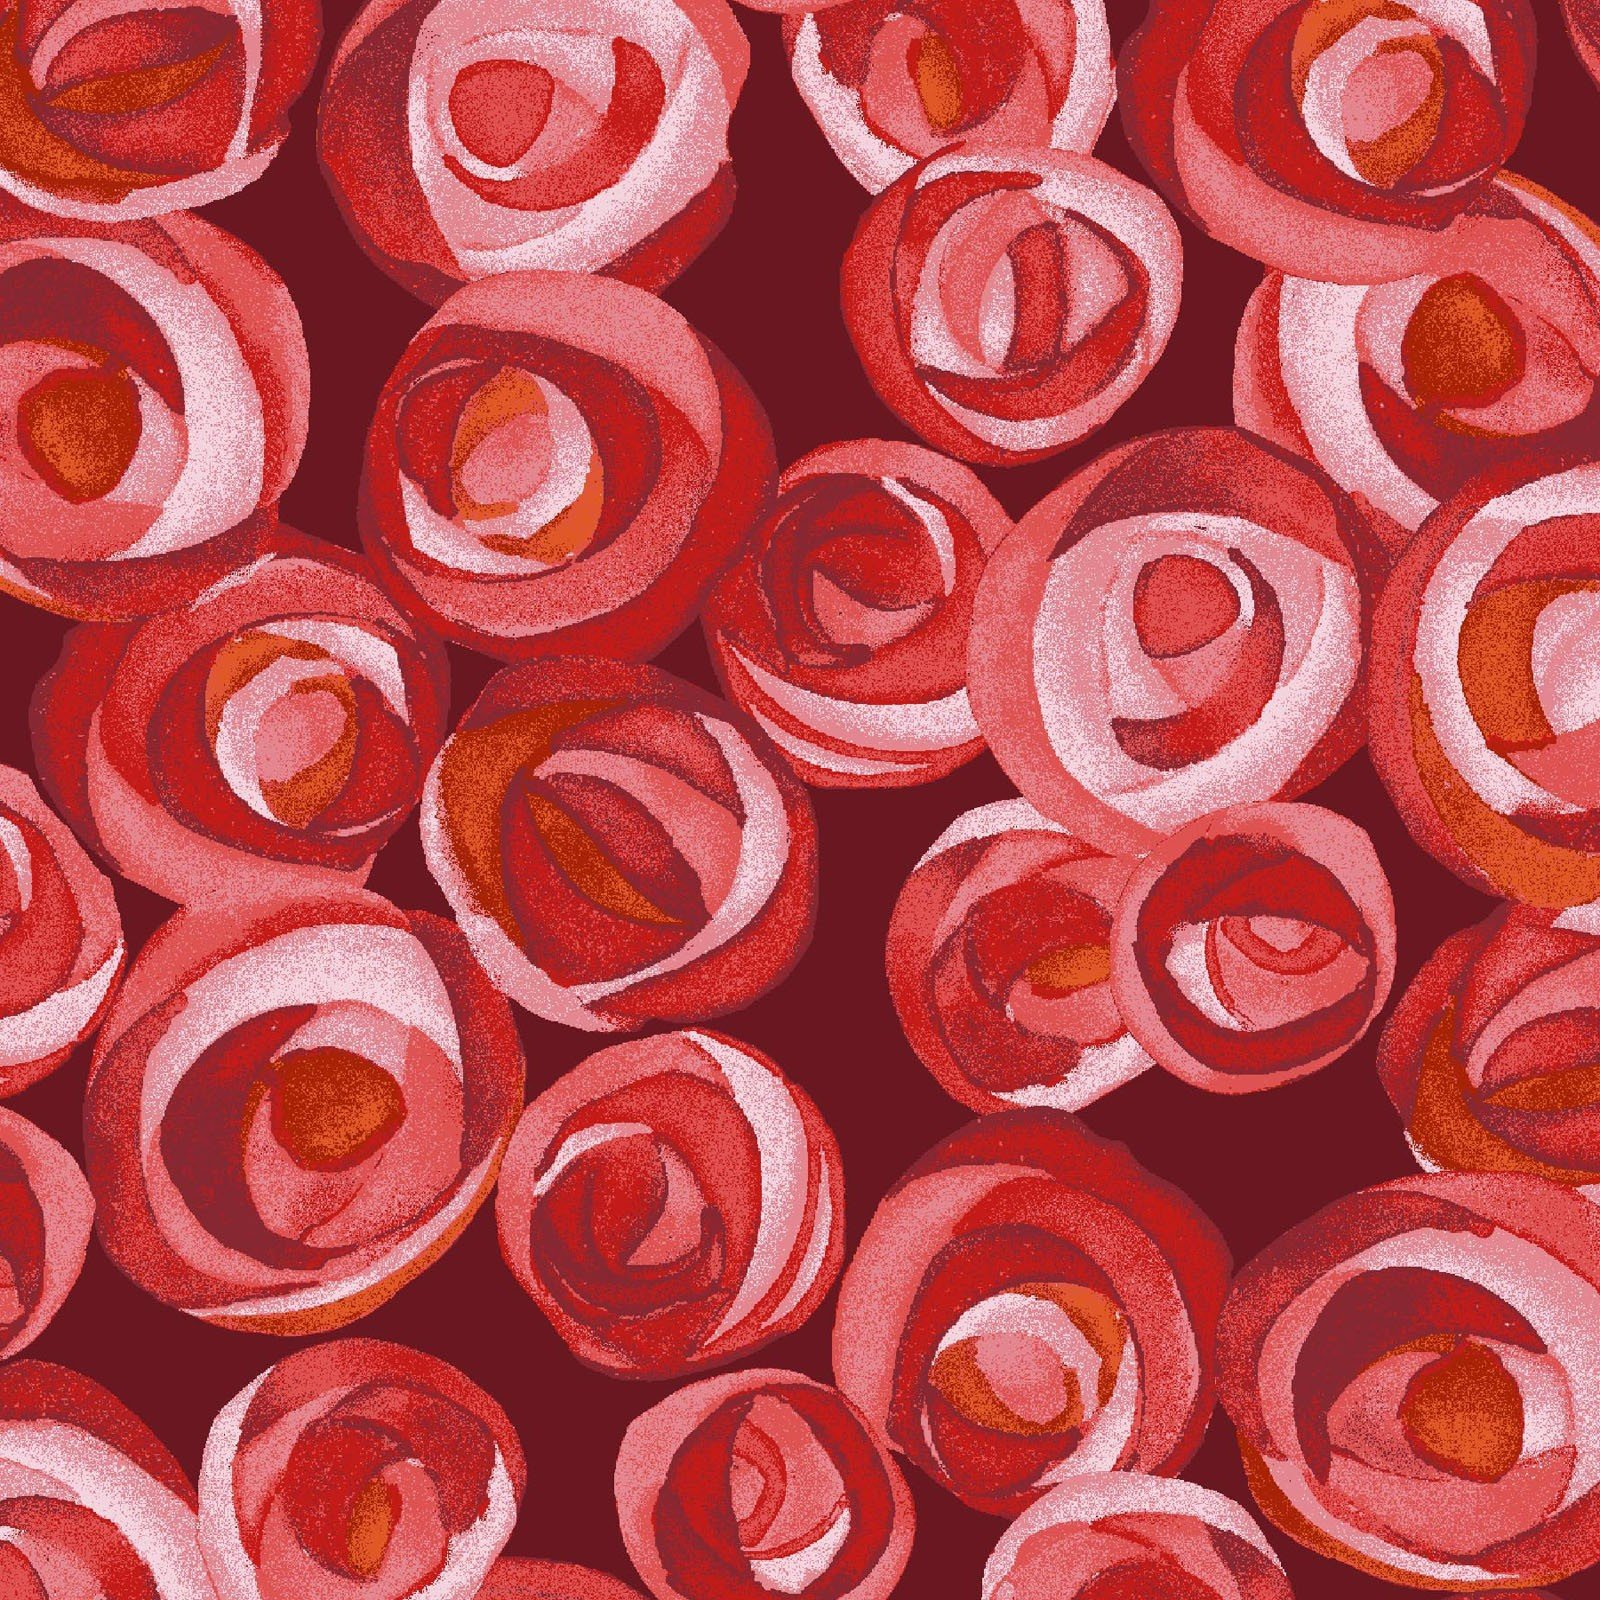 Maroon Bevy of Roses - Masquica by Kathleen Deggendorfer - MASD9202-M